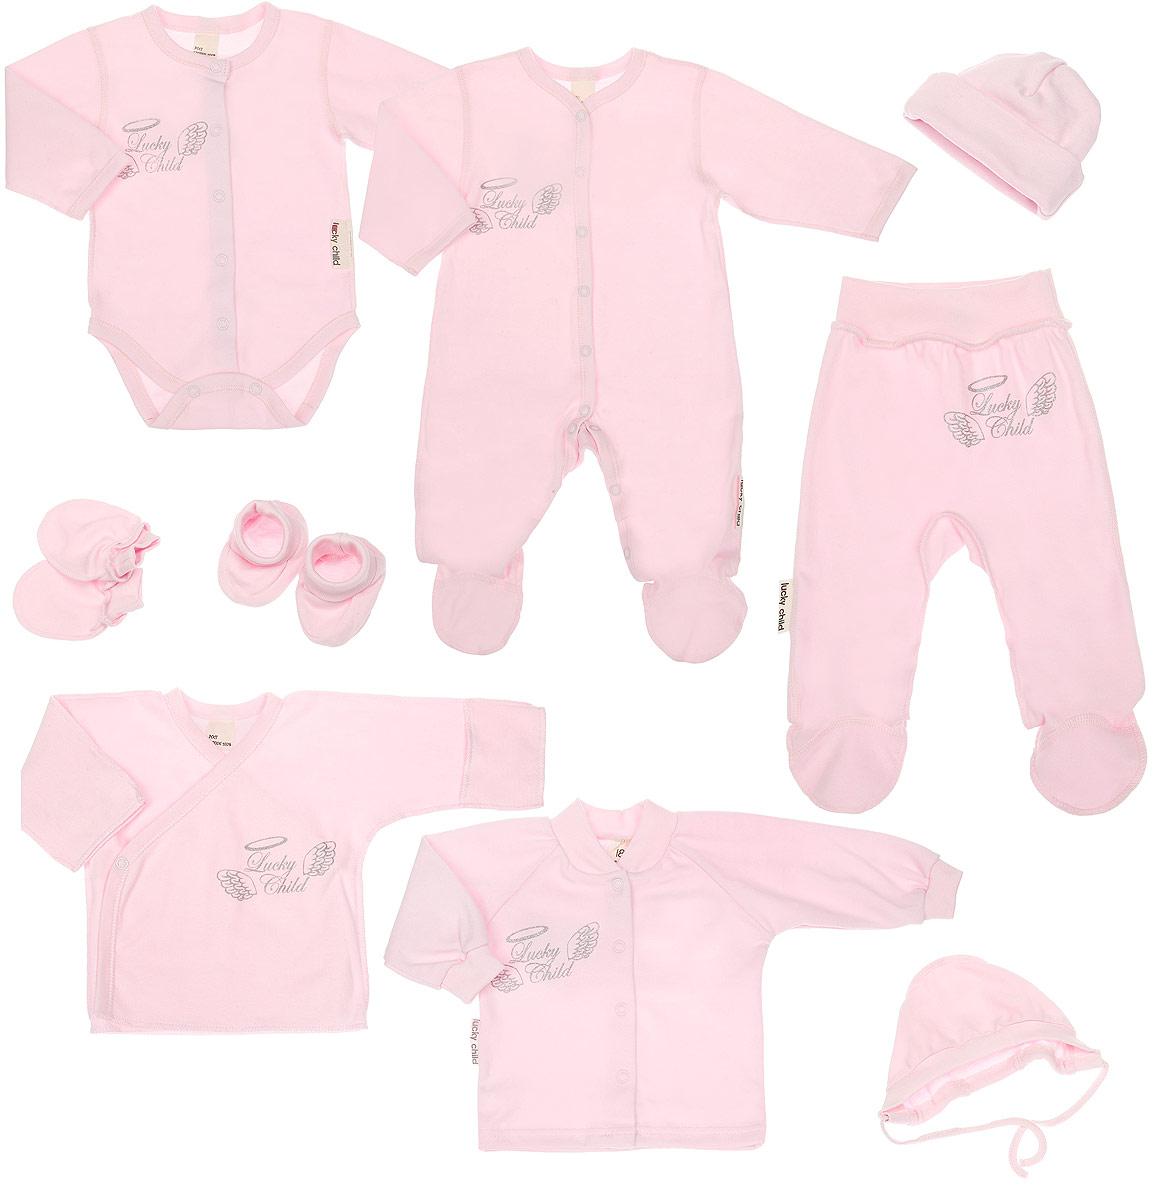 Подарочный комплект для новорожденного Lucky Child Ангелочки, цвет: розовый, 9 предметов. 17-1000. Размер 62/6817-1000Комплект для новорожденного Lucky Child Ангелочки - это замечательный подарок, который прекрасно подойдет для младенца. Комплект состоит из комбинезона, боди, распашонки-кимоно, кофточки, ползунков, шапочки, чепчика, рукавичек и пинеток. Изготовленный из натурального хлопка, он необычайно мягкий и приятный на ощупь, не сковывает движения ребенка и позволяет коже дышать, не раздражает даже самую нежную и чувствительную кожу ребенка, обеспечивая ему наибольший комфорт.Комбинезон с длинными рукавами, V-образным вырезом горловины и закрытыми ножками имеет застежки-кнопки от горловины до пяточек, которые помогают легко переодеть младенца или сменить подгузник. Оформлено изделие термоаппликацией с названием бренда и украшено на спинке очаровательными декоративными крылышками. Удобное боди с длинными рукавами и круглым вырезом горловины имеет удобные застежки-кнопки по всей длине, а также кнопки на ластовице, которые помогают легко переодеть младенца и сменить подгузник. Оформлено изделие термоаппликацией с названием бренда и украшено на спинке декоративными крылышками.Распашонка с V-образным вырезом горловины и длинными рукавами-кимоно имеет застежки-кнопки по принципу кимоно, благодаря которым, модель можно полностью расстегнуть. На рукавах предцсмотрены рукавички, благодаря котрым ребенок не поцарапает себя. Ручки могут быть как открытыми, так и закрытыми. Швы изделия выполнены наружу. Оформлена модель крупной термоаппликацией с названием бренда.Кофточка с длинными рукавами-реглан и круглым вырезом горловины спереди застегивается на металлические кнопки, что помогает с легкостью переодеть ребенка. Горловина дополнена мягкой трикотажной резинкой. Рукава имеют широкие эластичные манжеты. Оформлено изделие термоаппликацией с названием бренда и украшено на спинке декоративными крылышками. Ползунки, благодаря мягкому и широкому поясу, не сдавливают животик мл